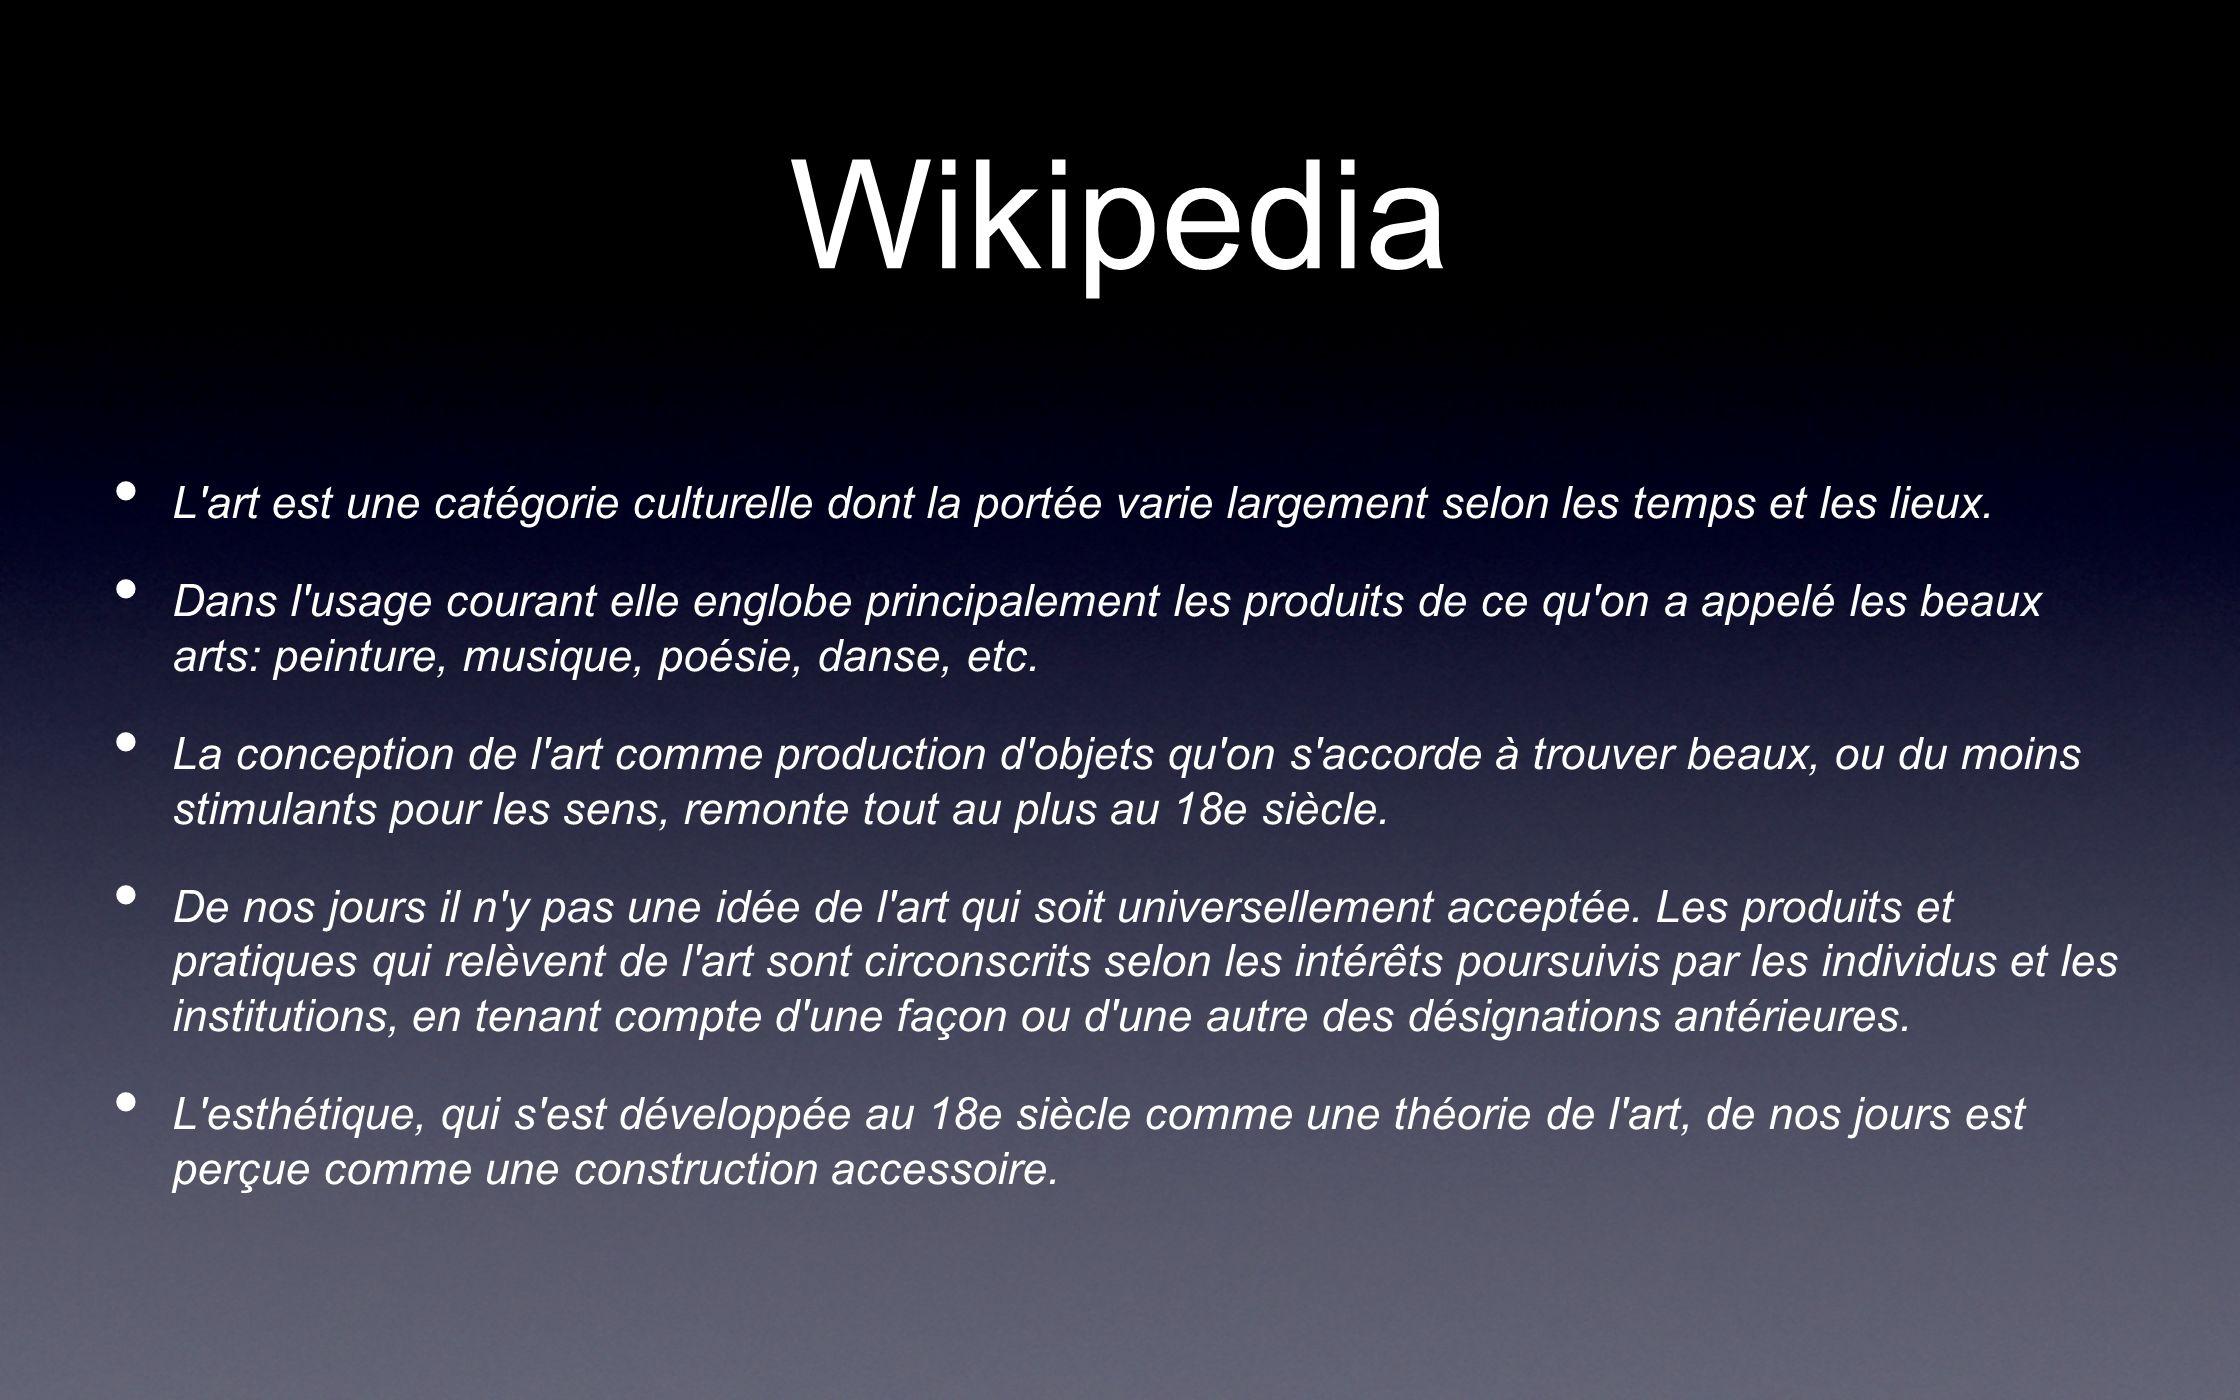 Wikipedia L art est une catégorie culturelle dont la portée varie largement selon les temps et les lieux.